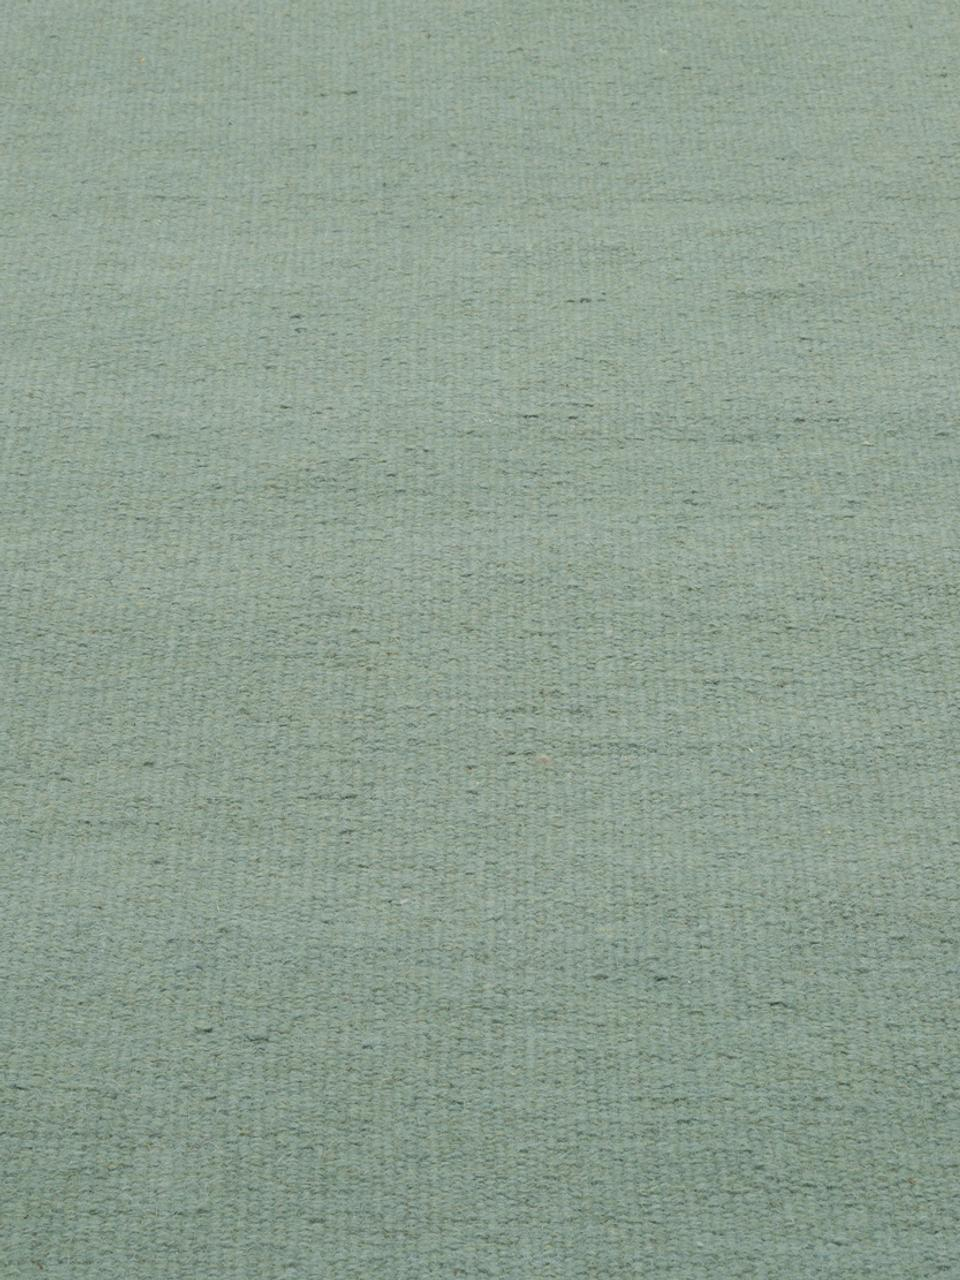 Tapis pure laine vert tissé main Rainbow, Pistache